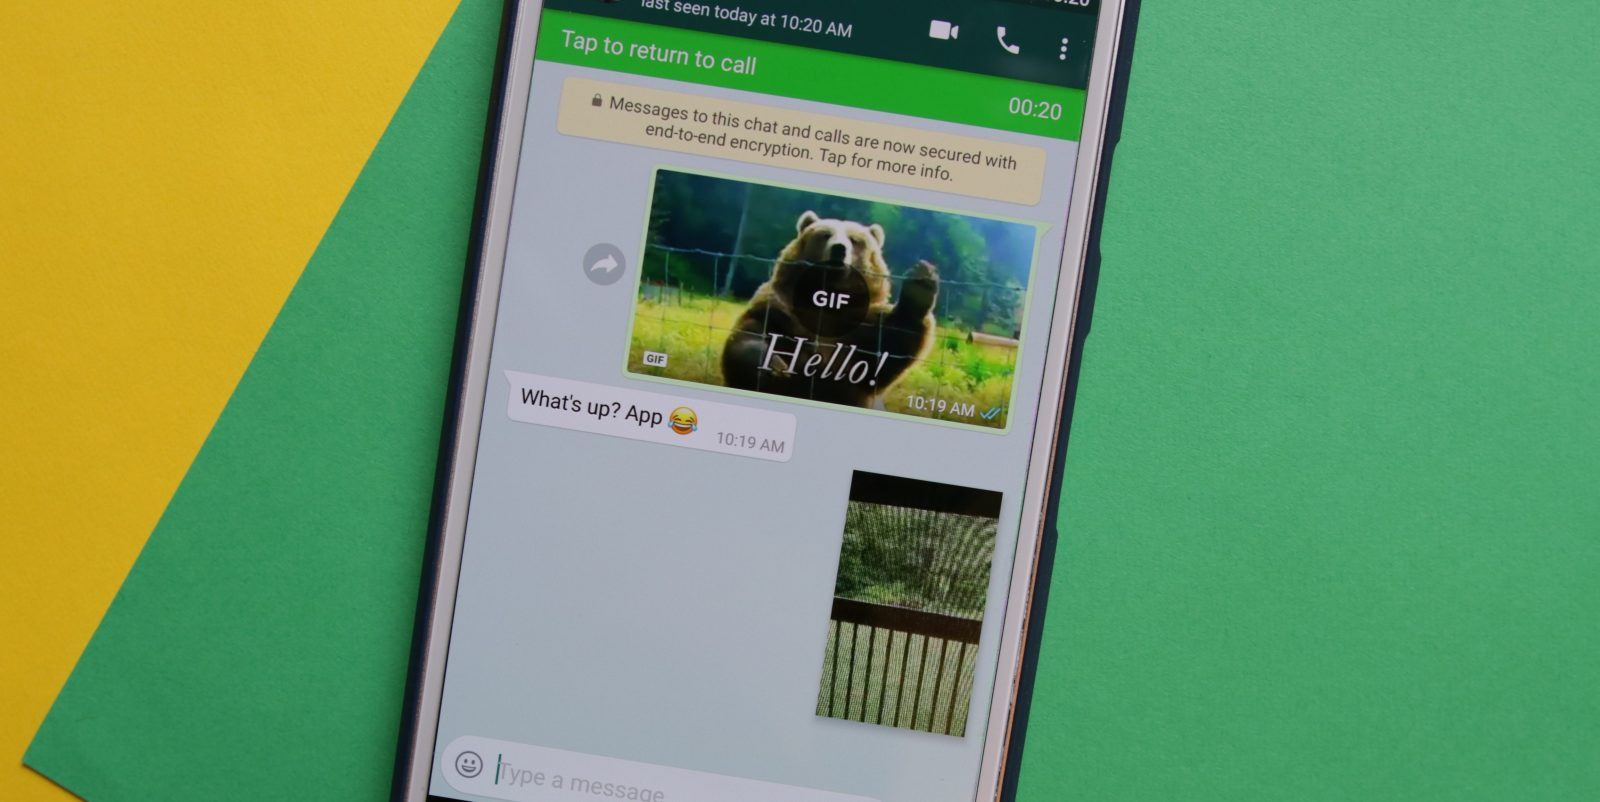 PIP Mode मध्ये होणार बदल - PIP (Picture in Picture) मोडचं दुसरं व्हर्जन WhatsApp आणणार आहे. PIP मोडमुळे आलेला व्हिडिओ WhatsApp च्या बाहेर न जाता तुम्ही पाहू शकता. एकादी Youtube लिंक आली असेल तर तुम्ही तेथेच तो पाहू शकता. मात्र, यात असे अपडेट करण्यात येणार आहे की, WhatsApp विंडो बंद केल्यानंतरसुद्धा तुम्हाला तो व्हिडिओ पाहू शकाल.